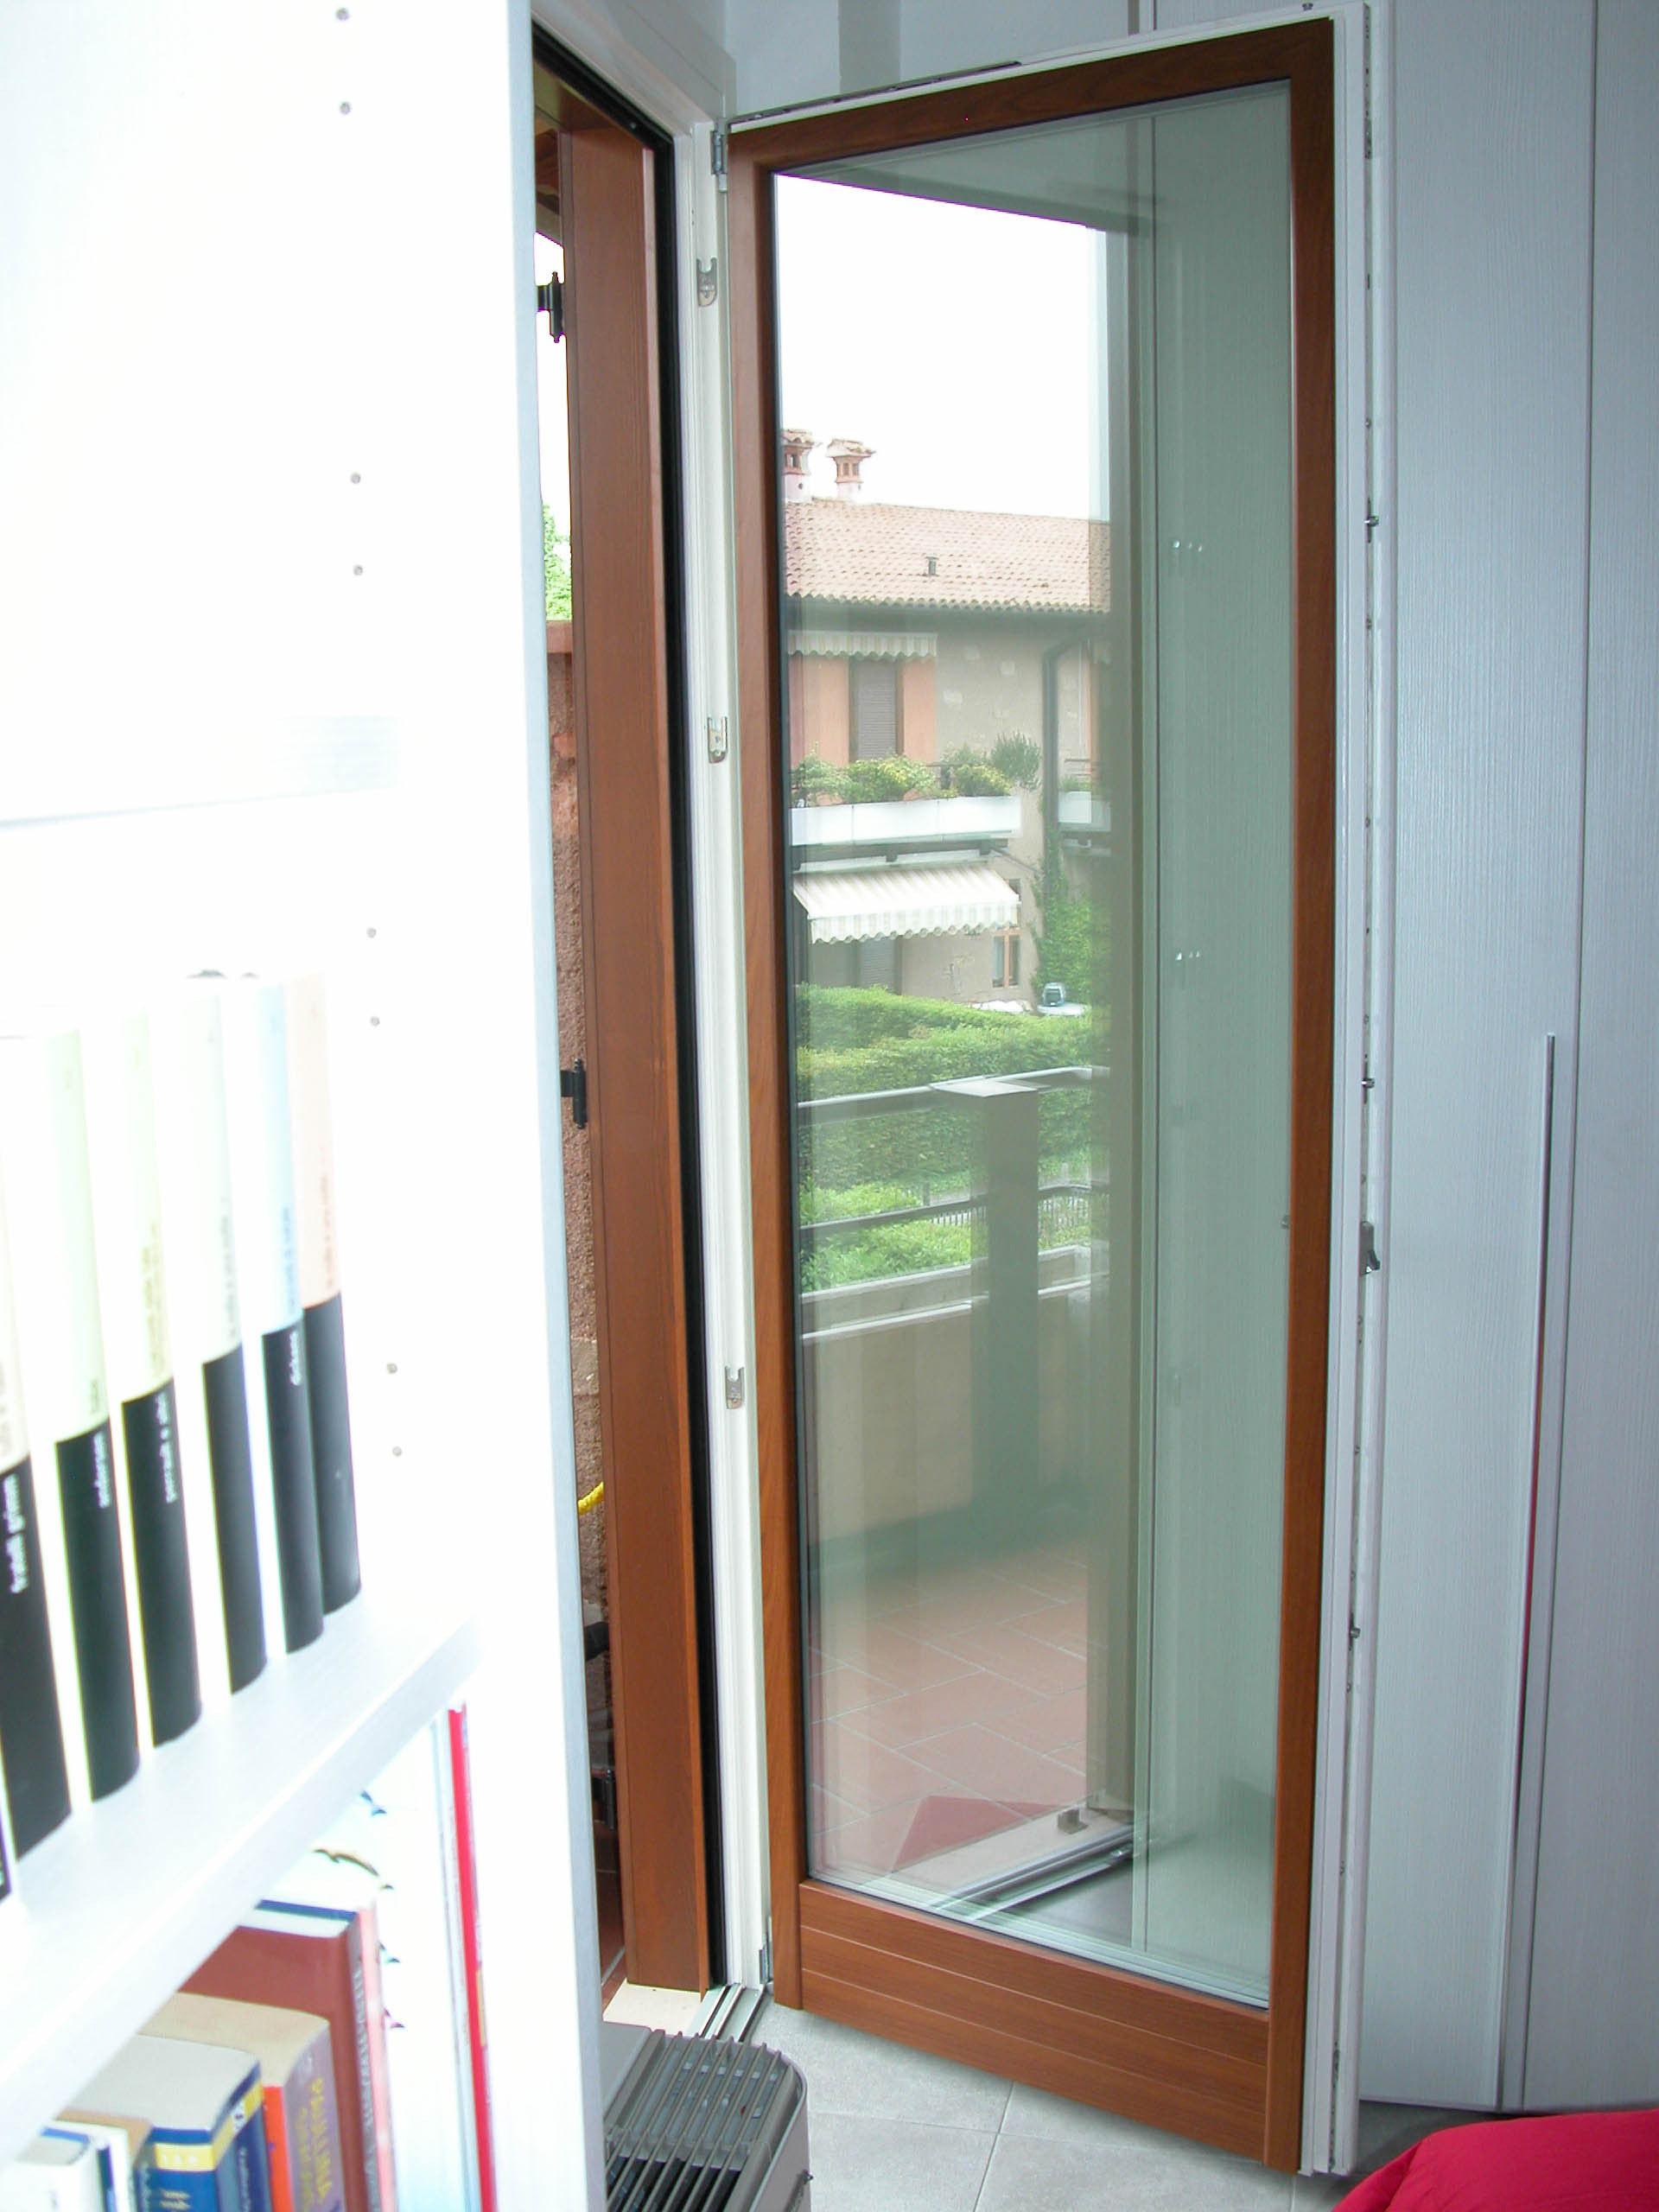 Pf1 porta finestra in legno alluminio ad una anta g tabarini - Costruire una finestra in alluminio ...